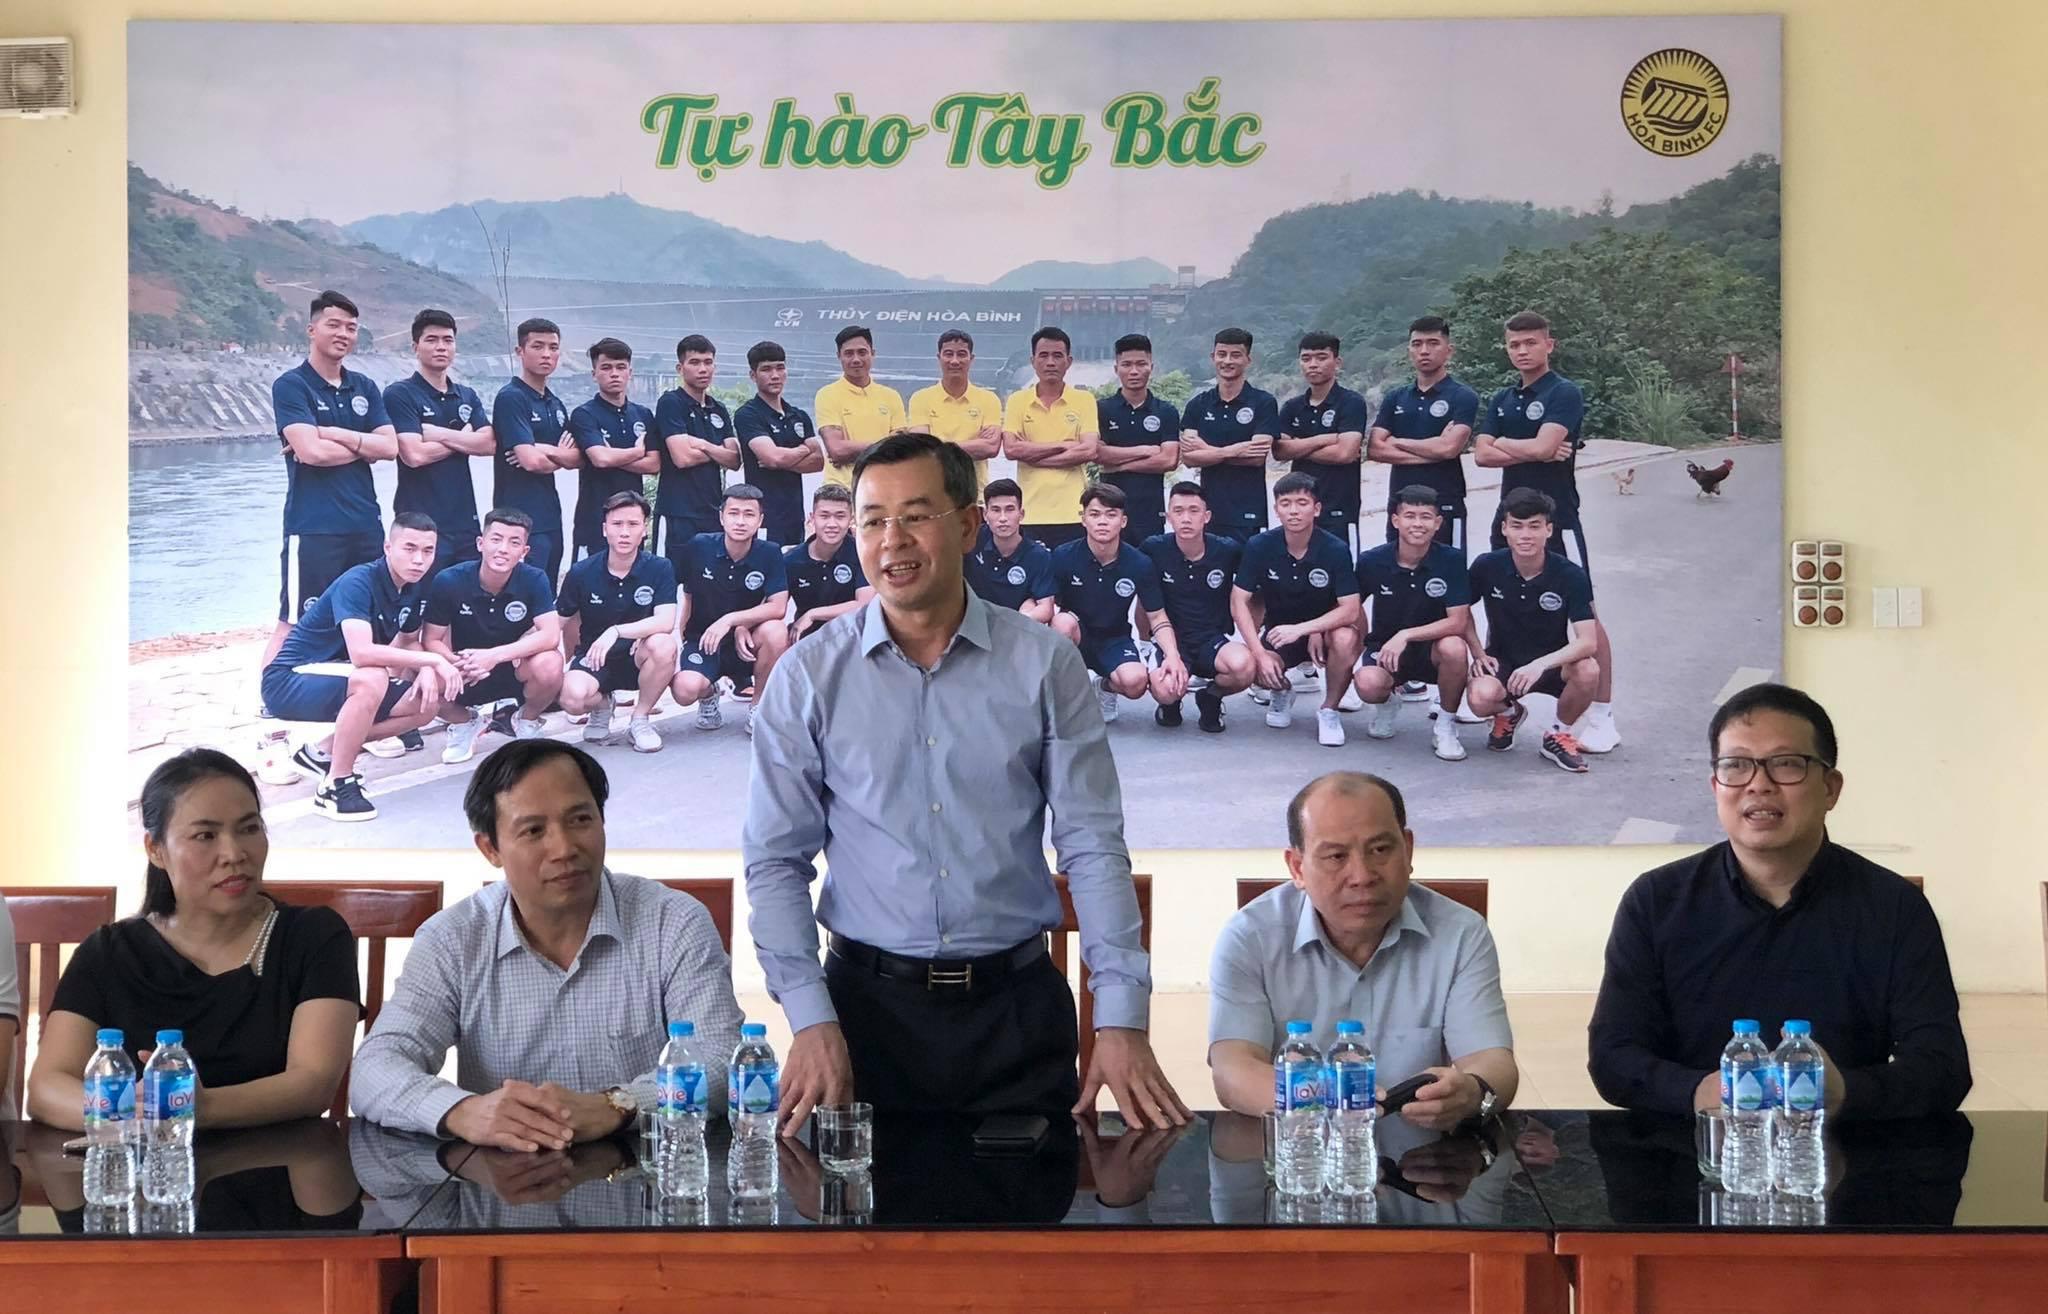 Ông Ngô Văn Tuấn, Bí thư Tỉnh ủy Hòa Bình đến thăm động viên CLB Hoà Bình